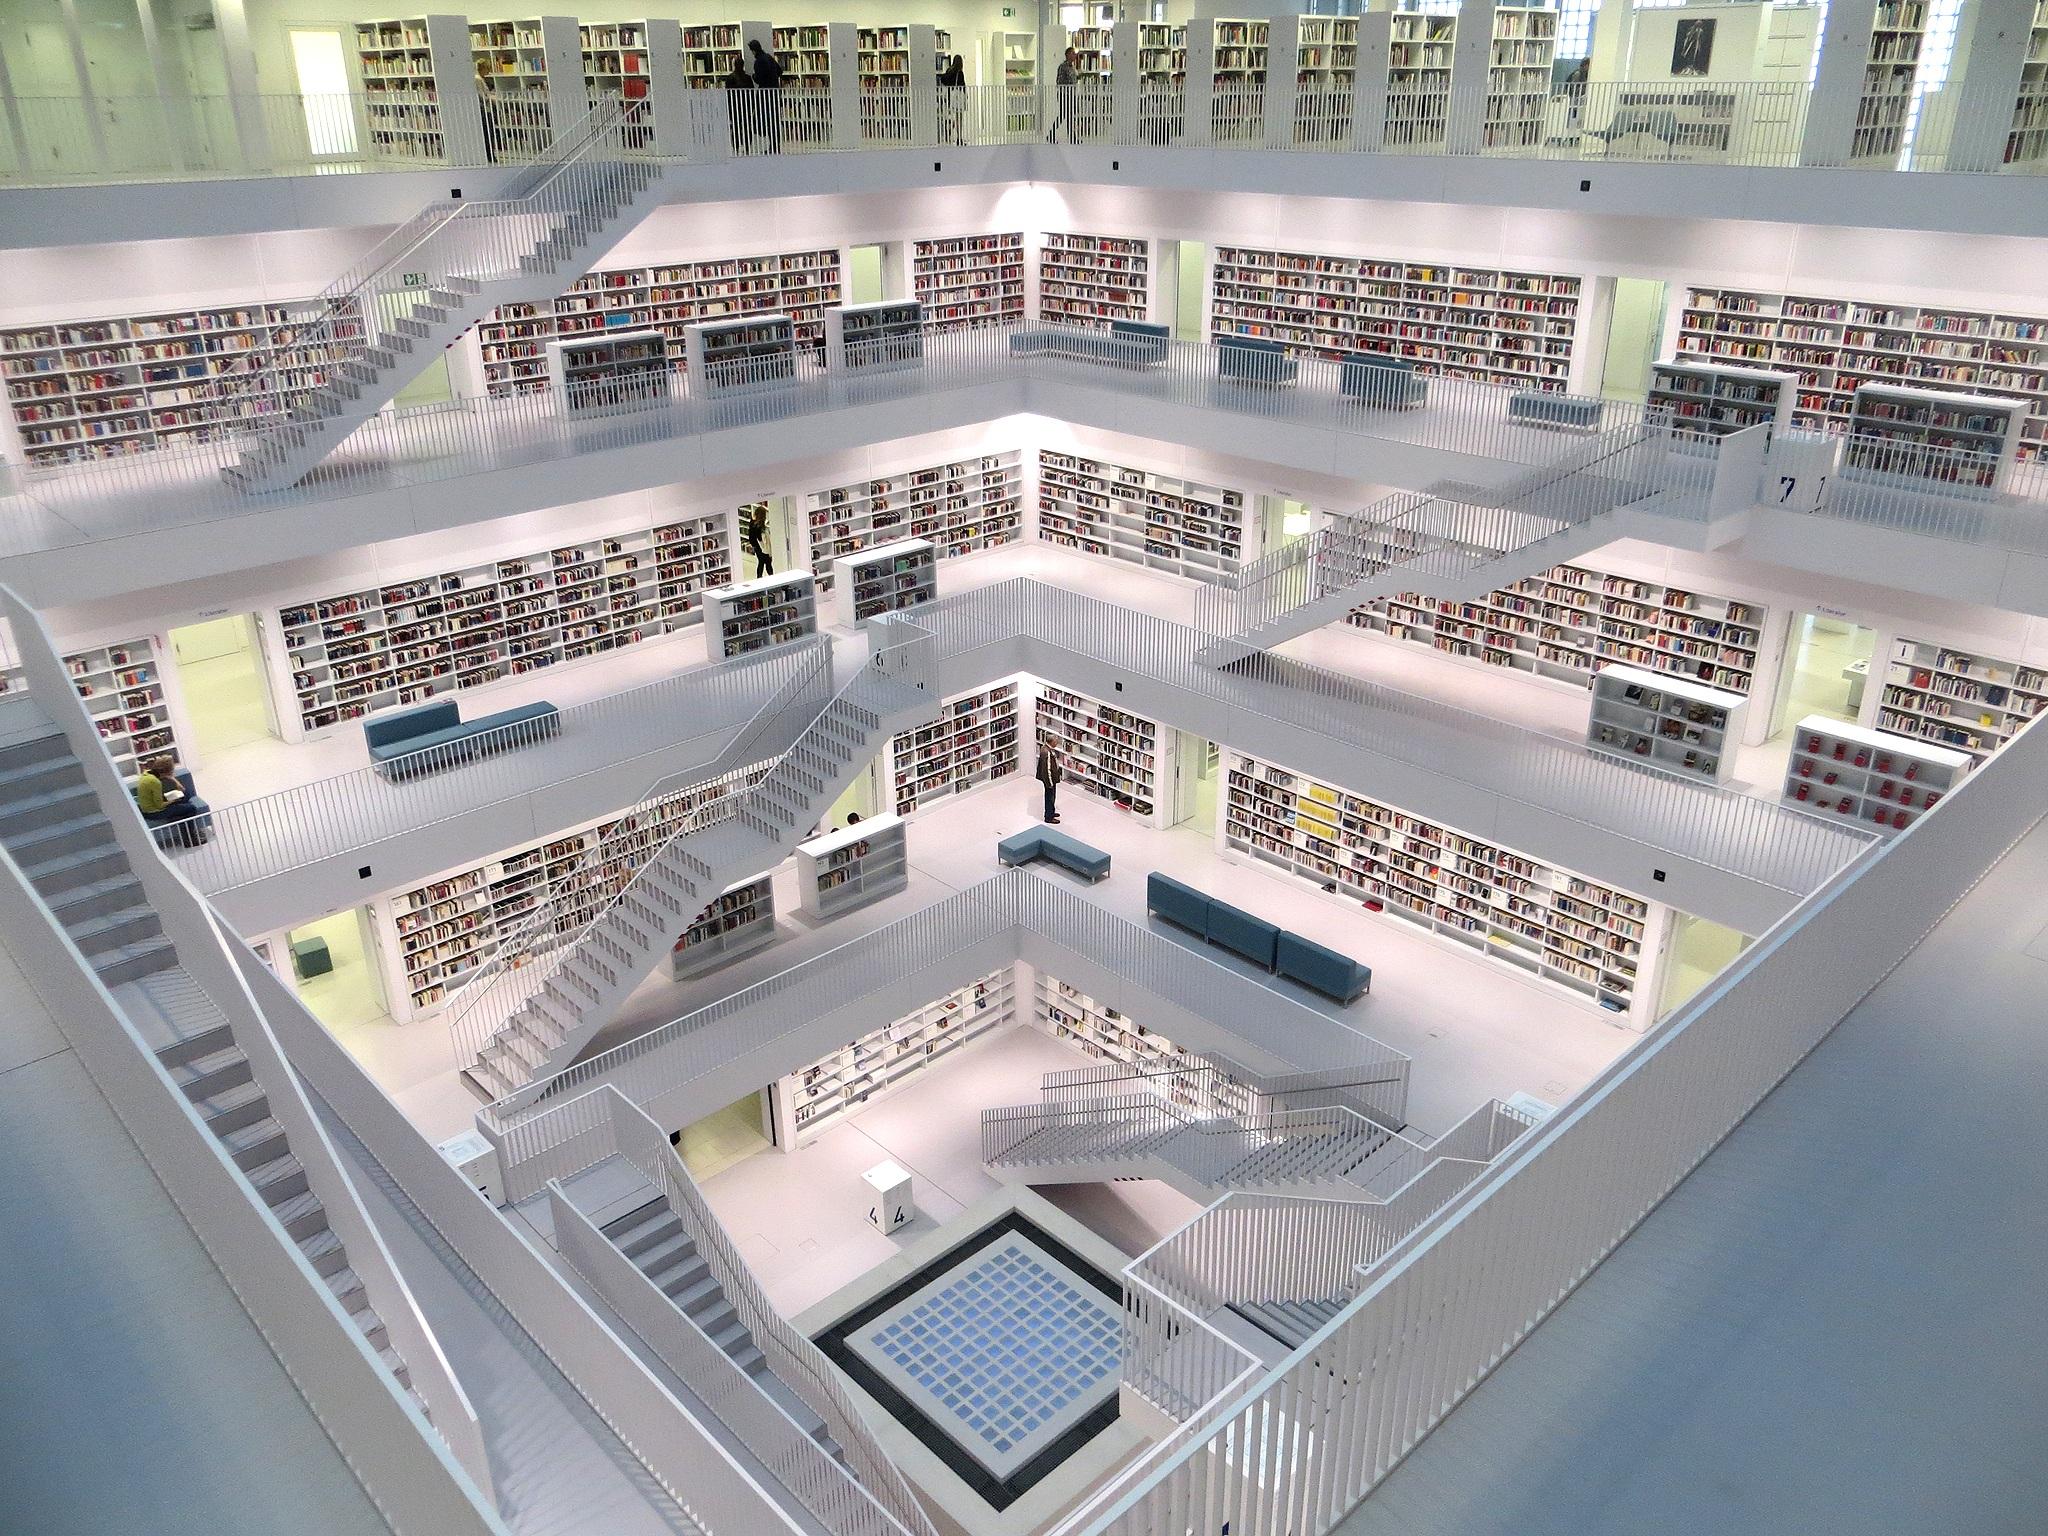 stuttgart-library-white-books-159870.jpeg